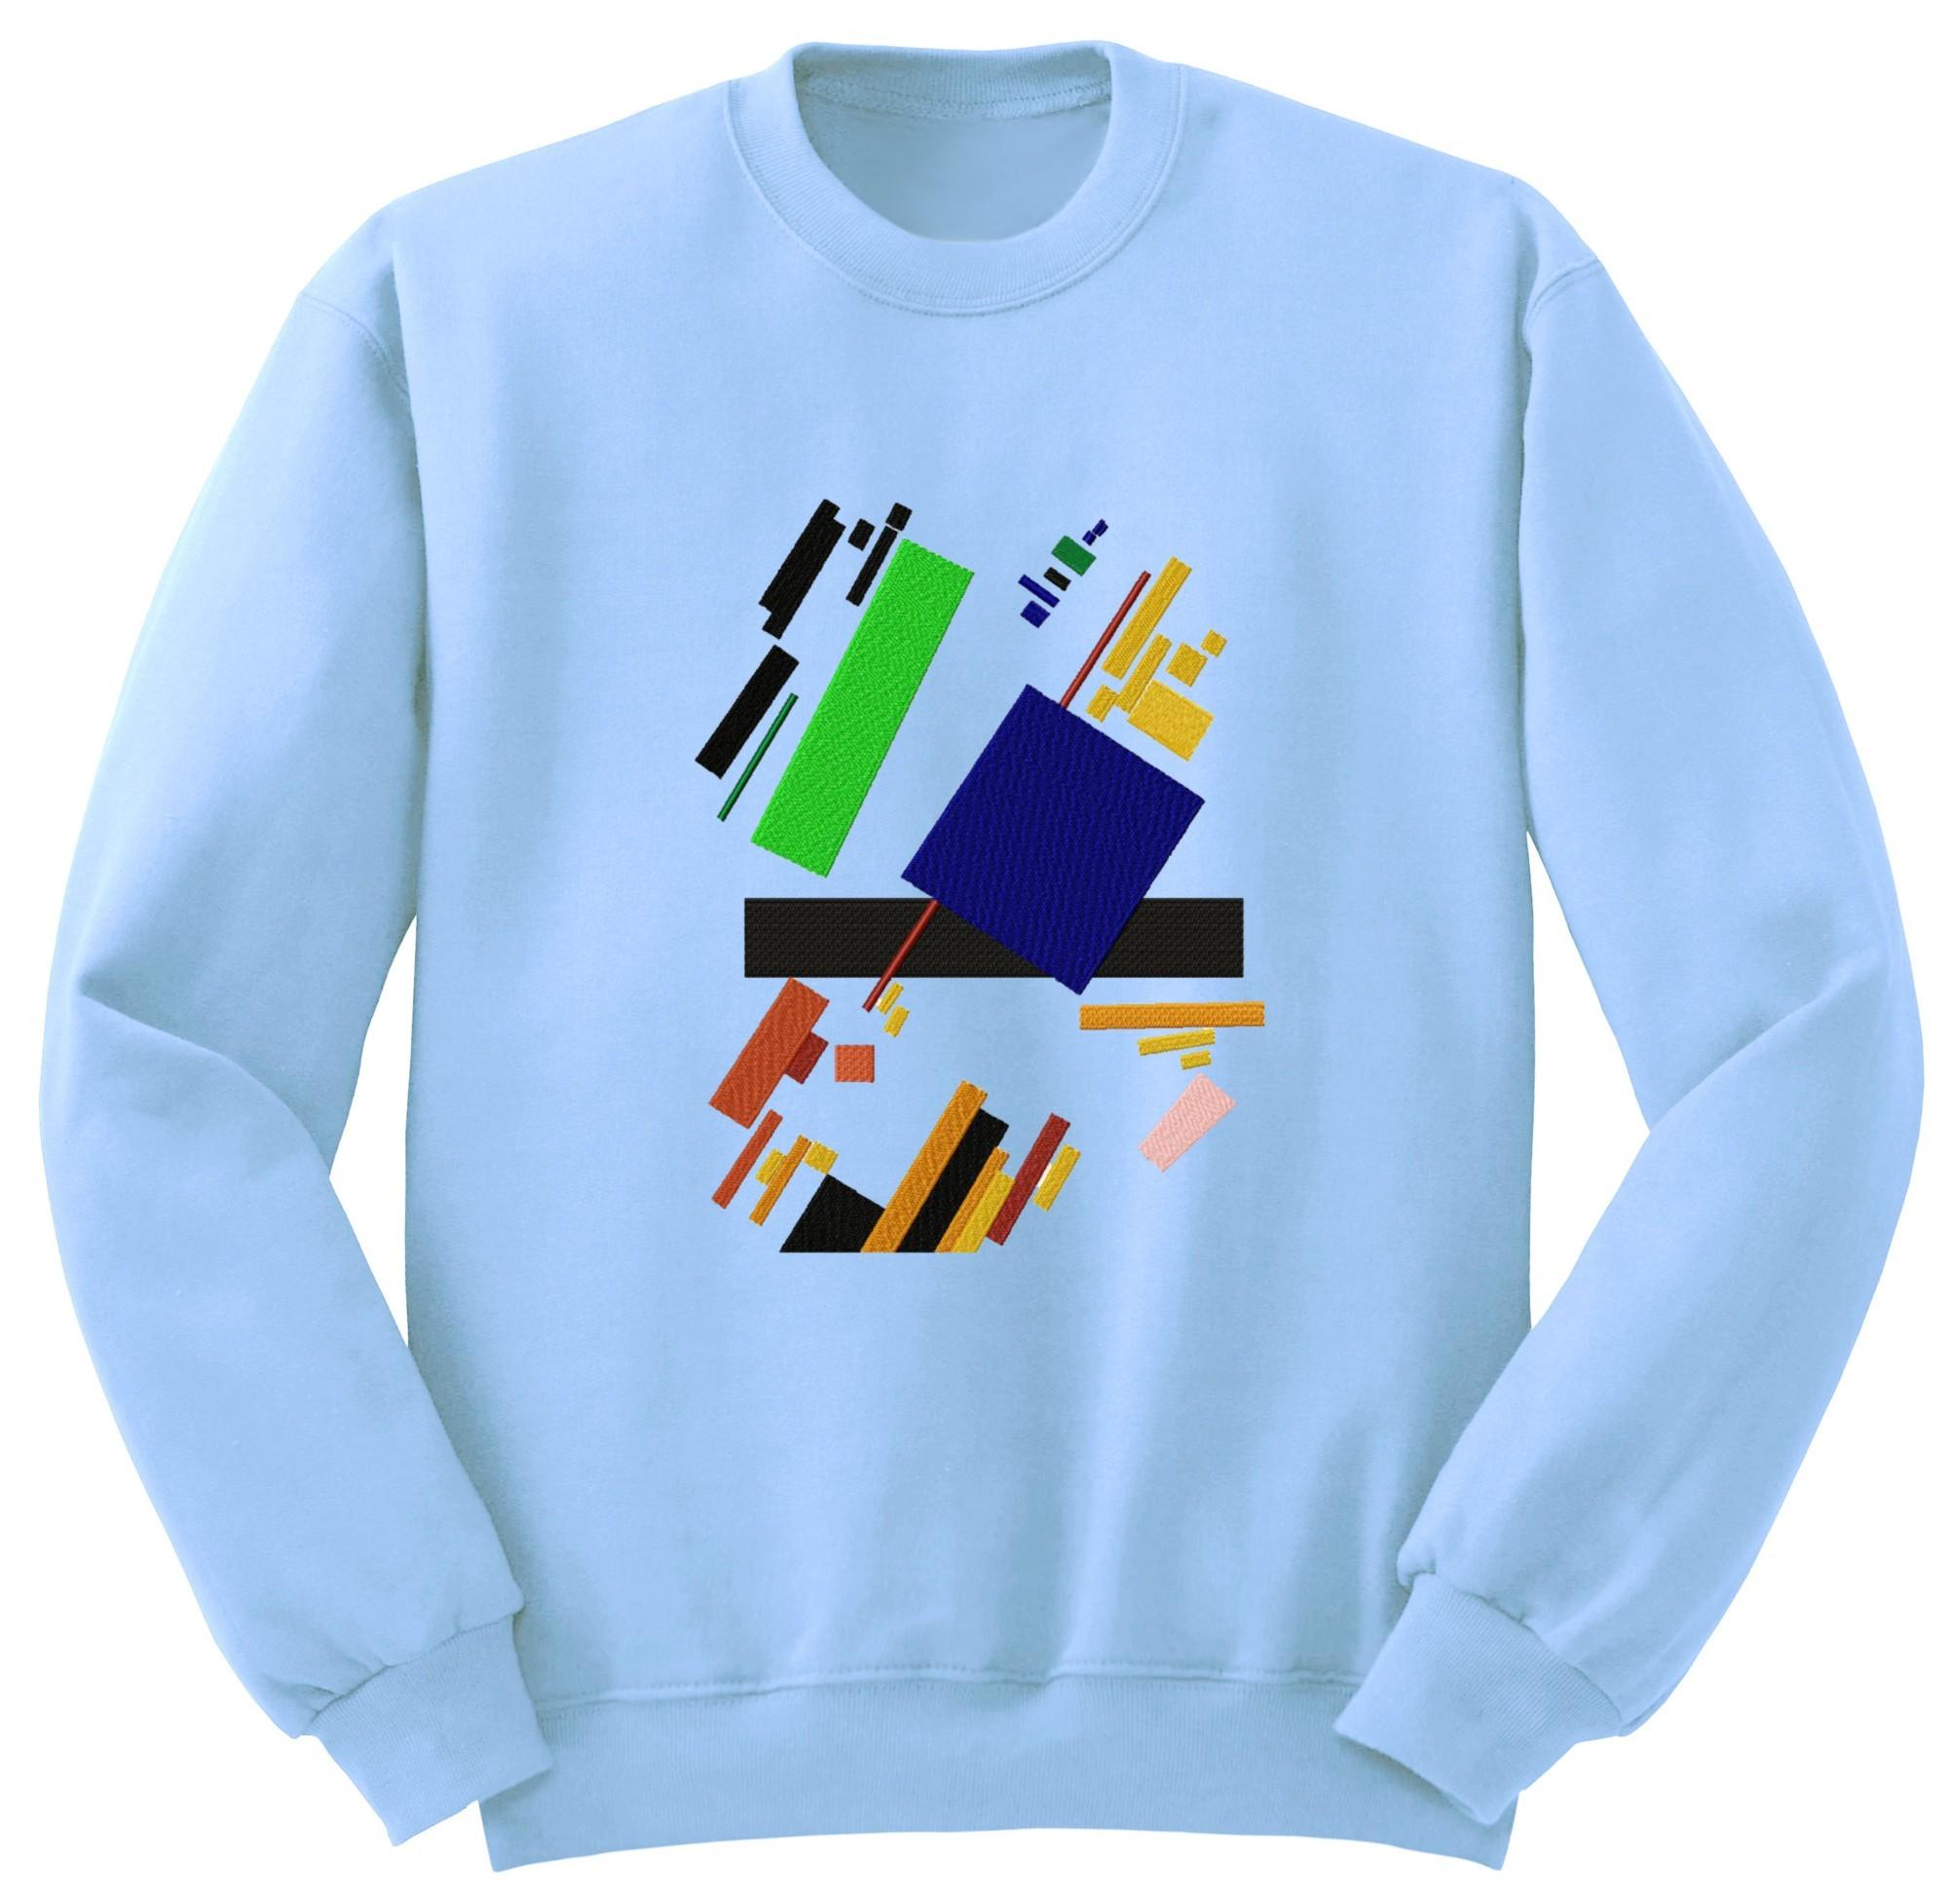 Голубой свитшот с арт-вышивкой SUPREMATIC